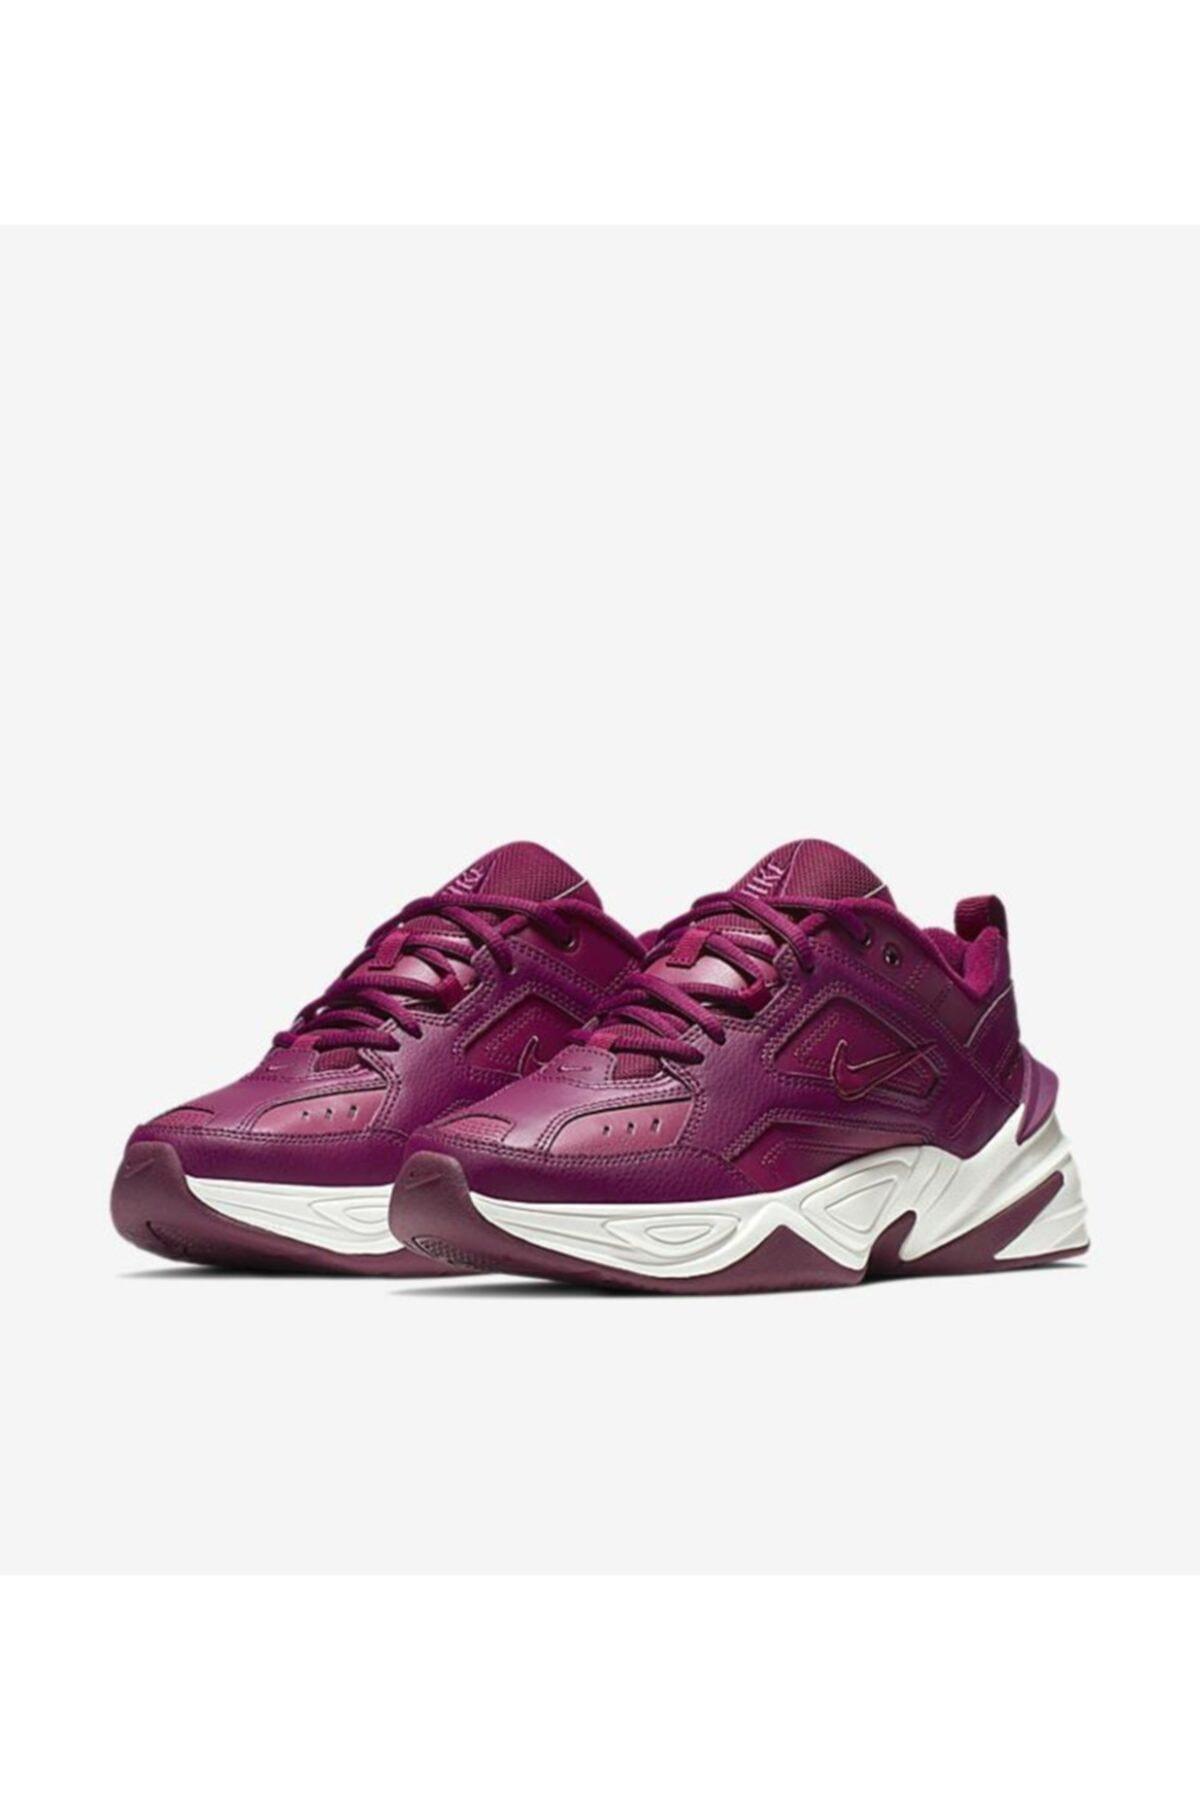 Nike M2k Tekno Ao3108-601 Kadın Spor Ayakkabısı 2